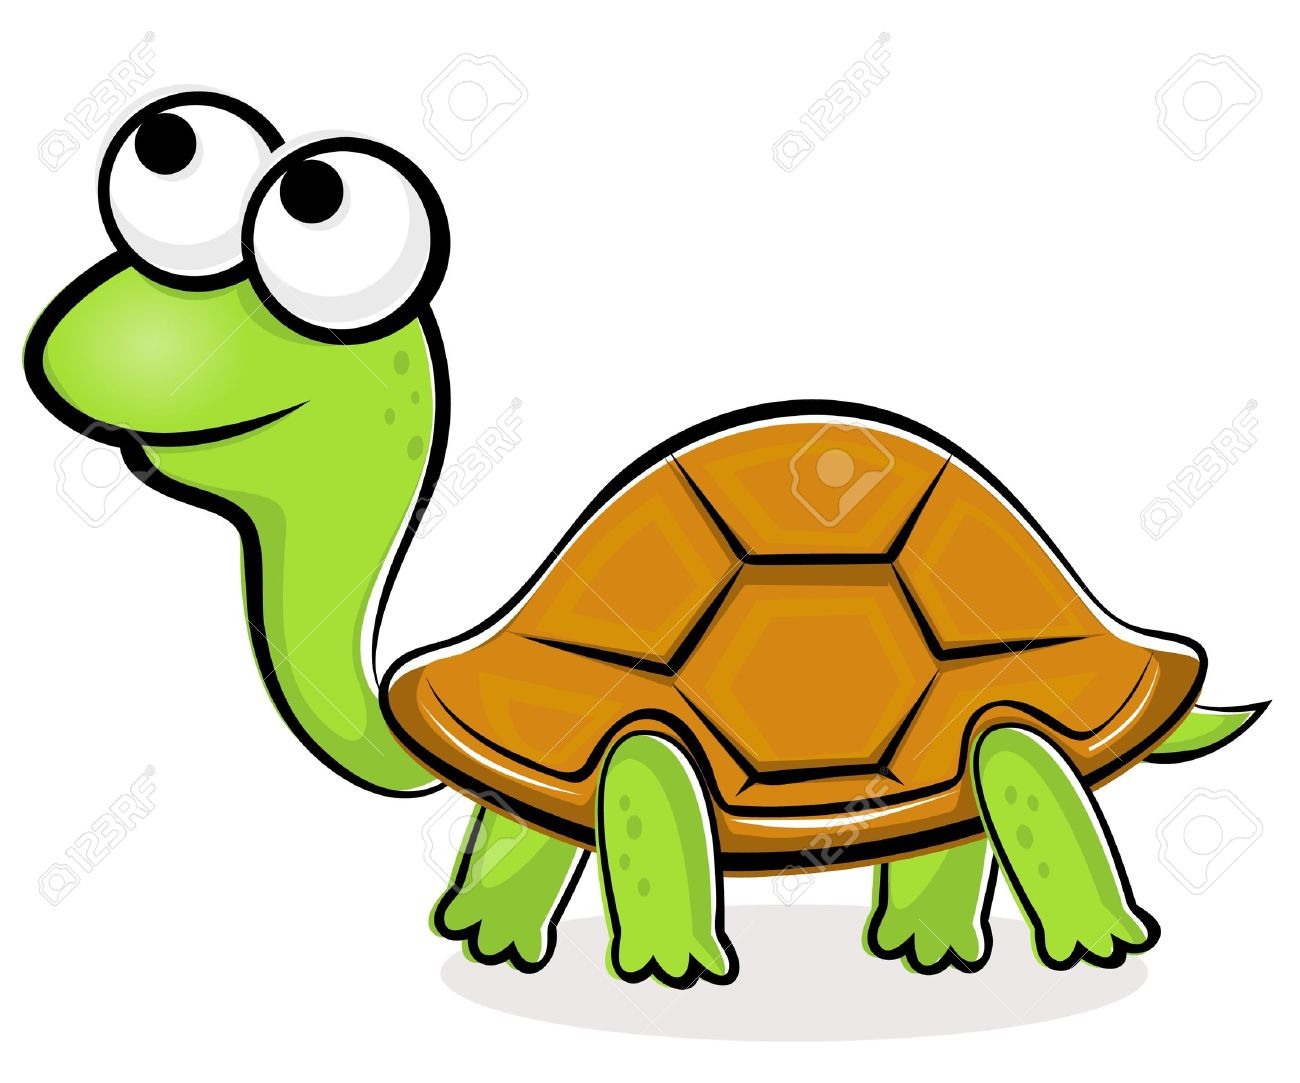 1300x1083 Image Result For Cartoon Tortoise Swipe File Week 6 Keevin Berry